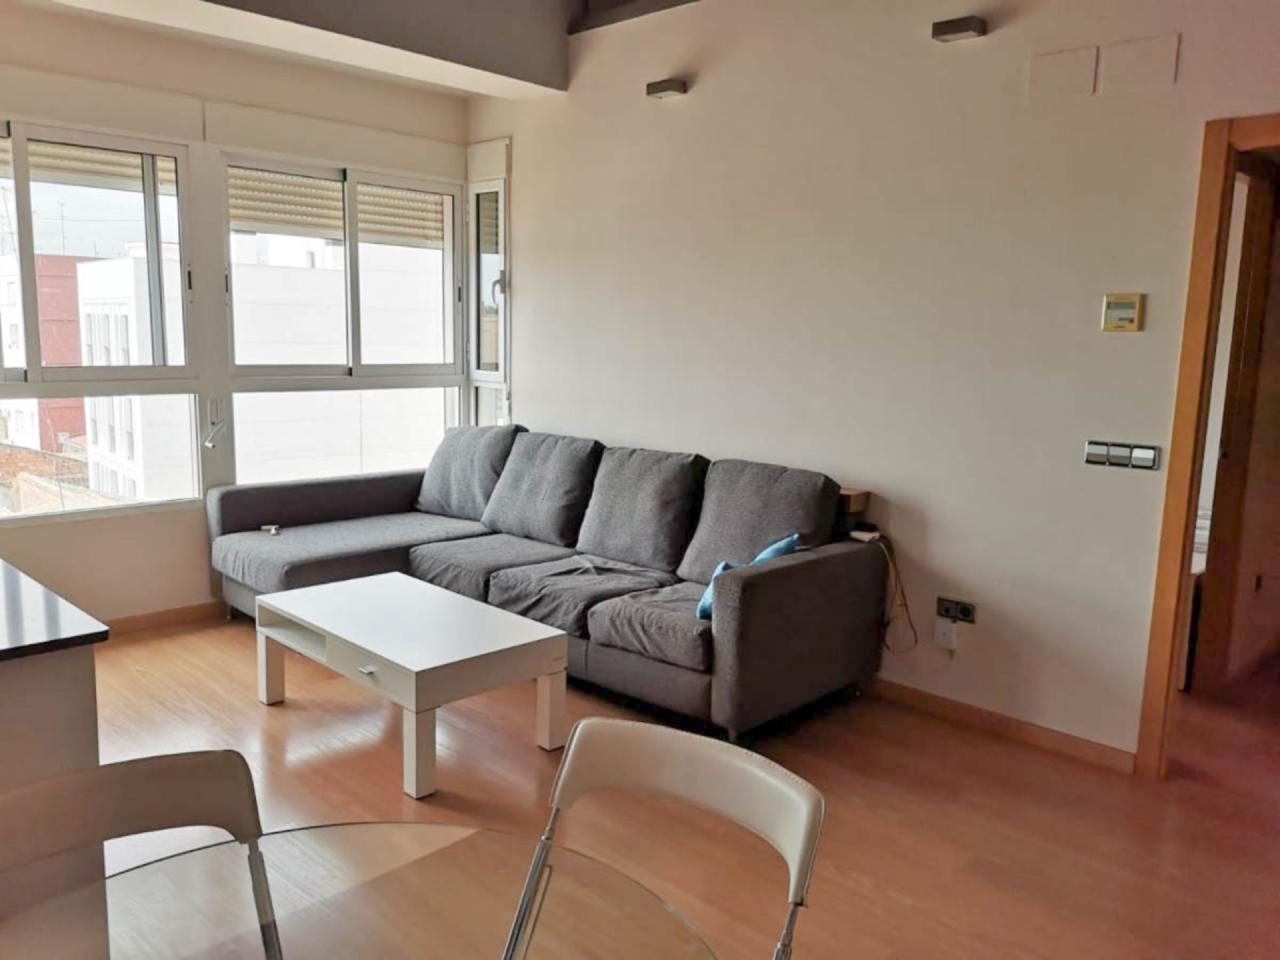 Student apartment for rent in Alfara del Patriarca – Ref 00120